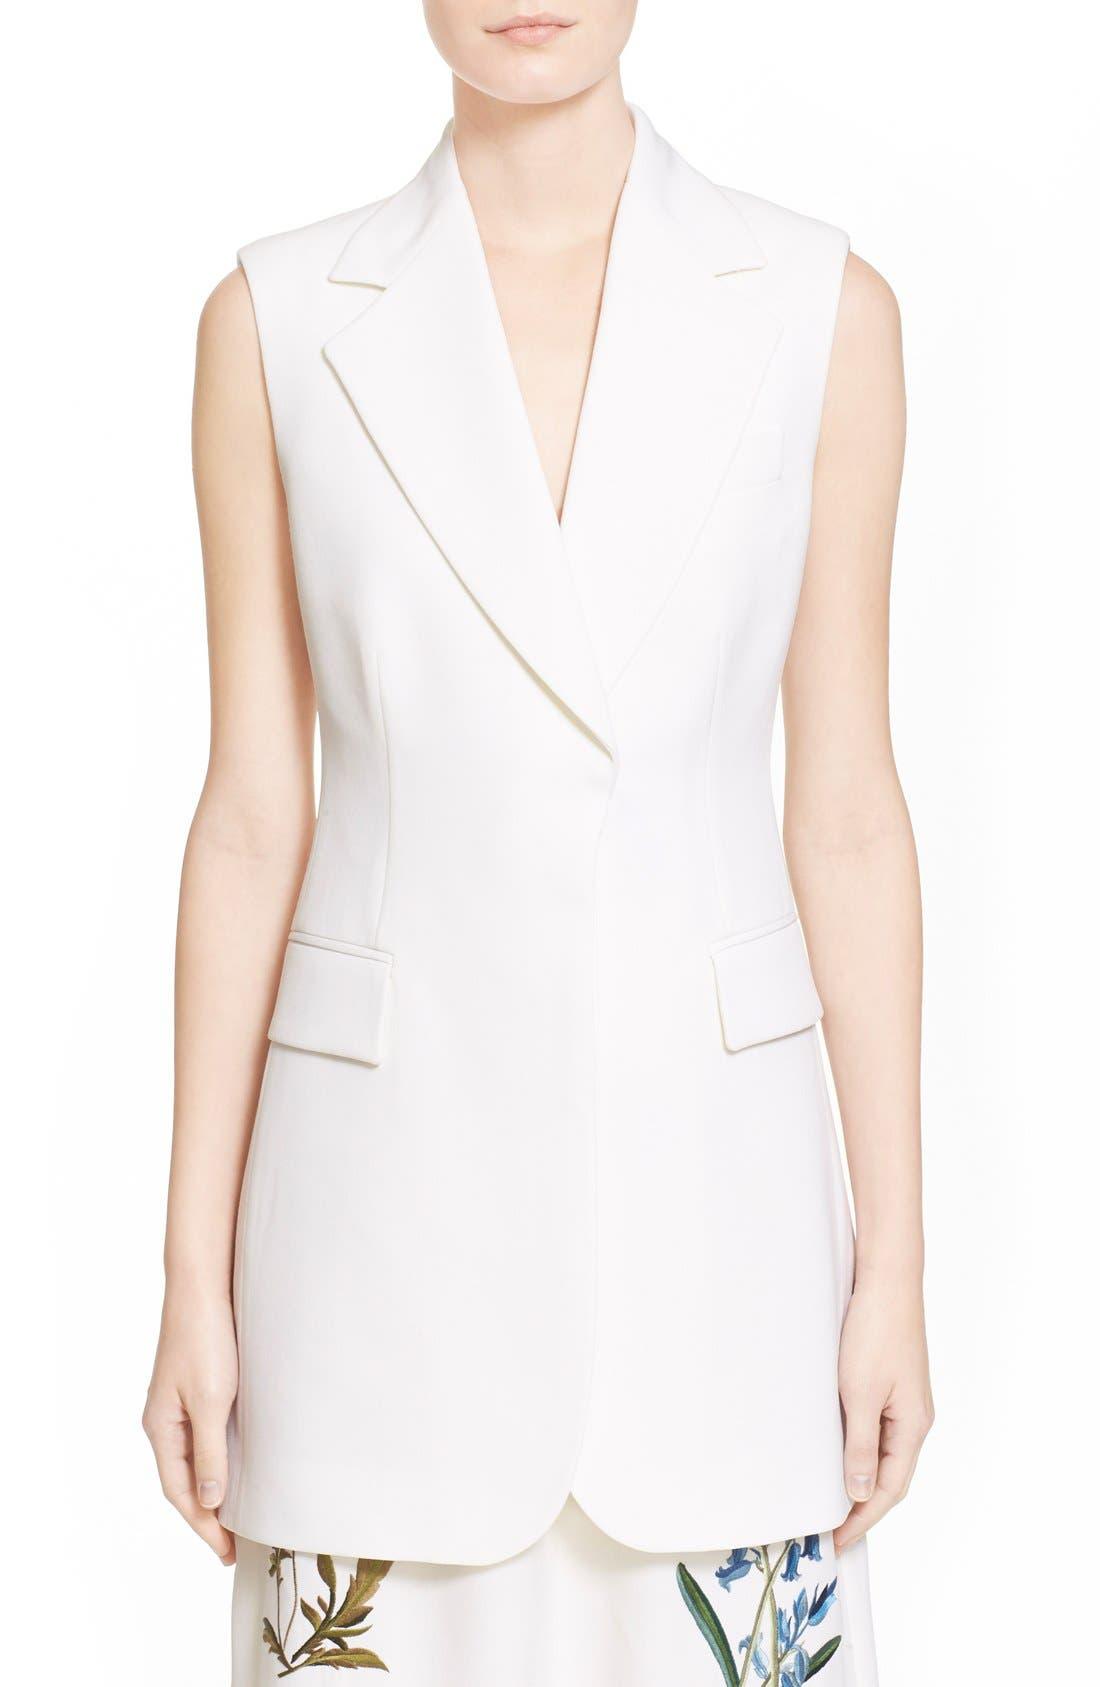 Alternate Image 1 Selected - Stella McCartney Sleeveless Vest